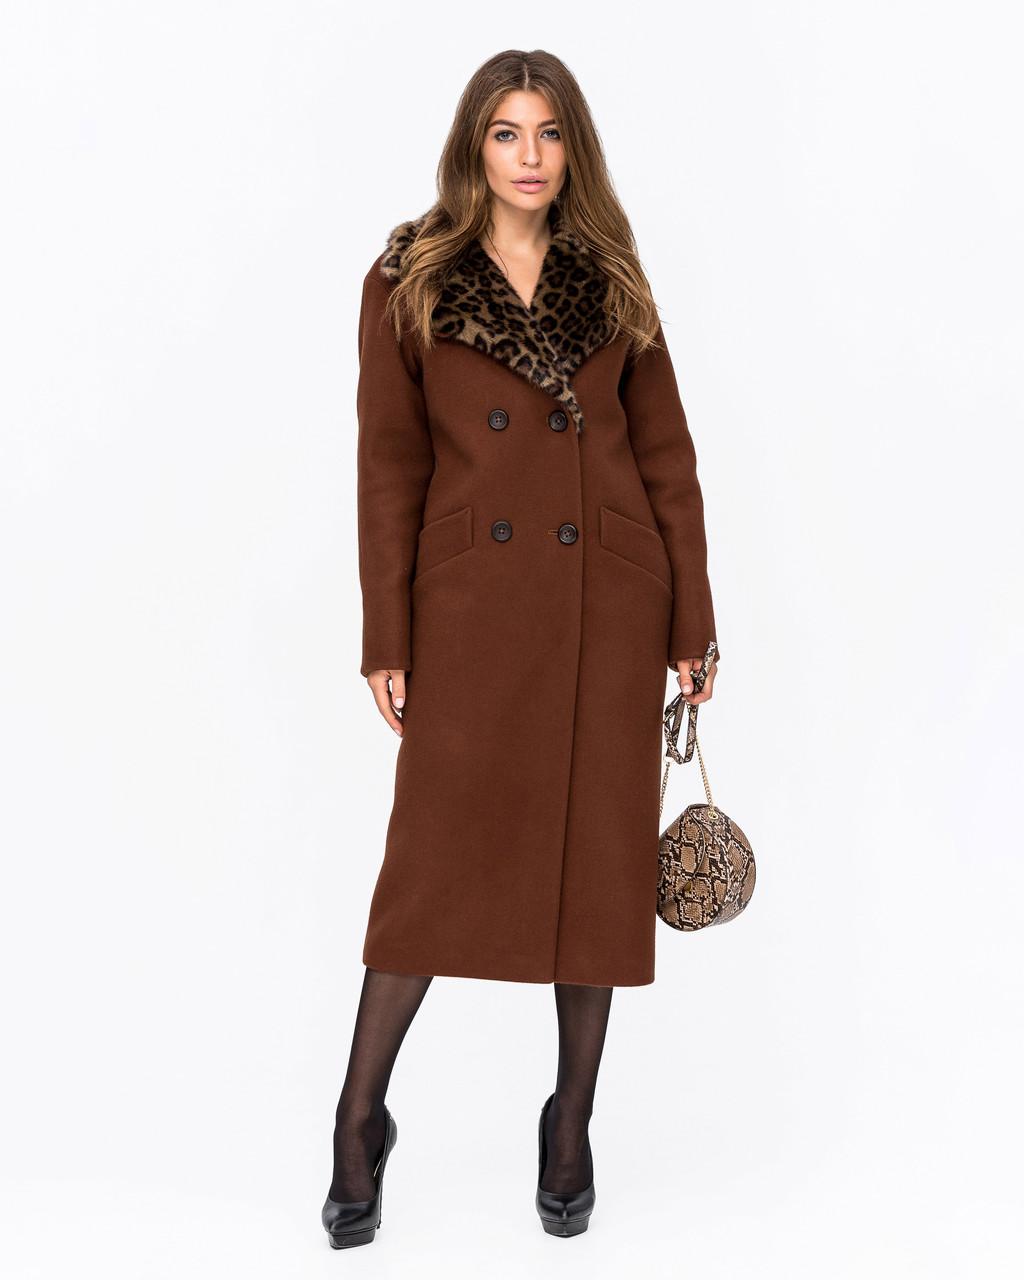 Зимнее женское пальто с леопардовым воротником